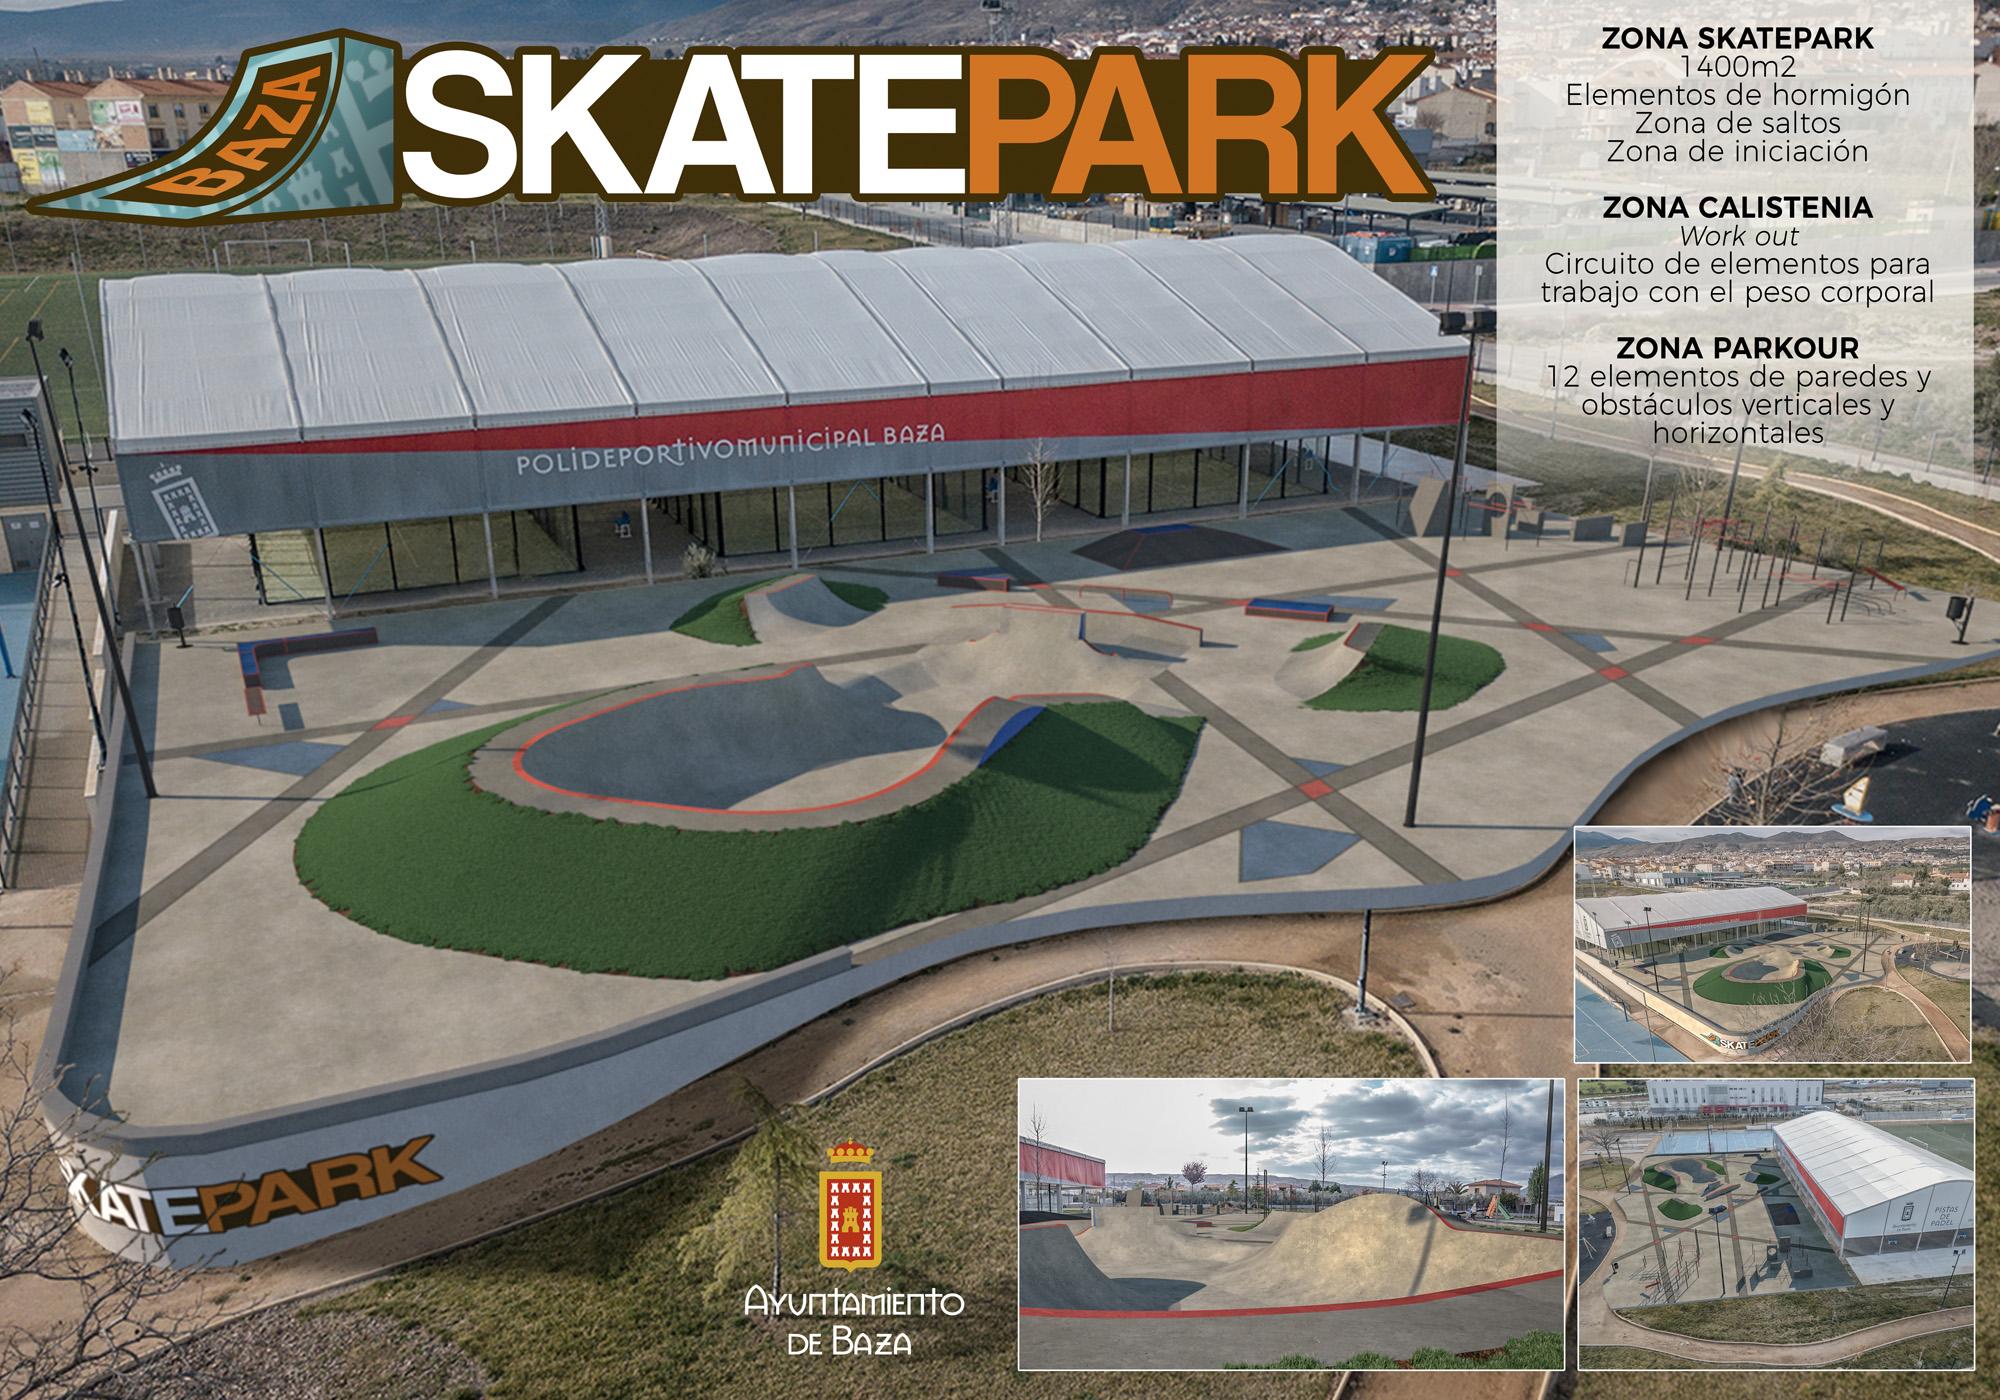 Diseño del skate park en el polideportivo municipal de Baza